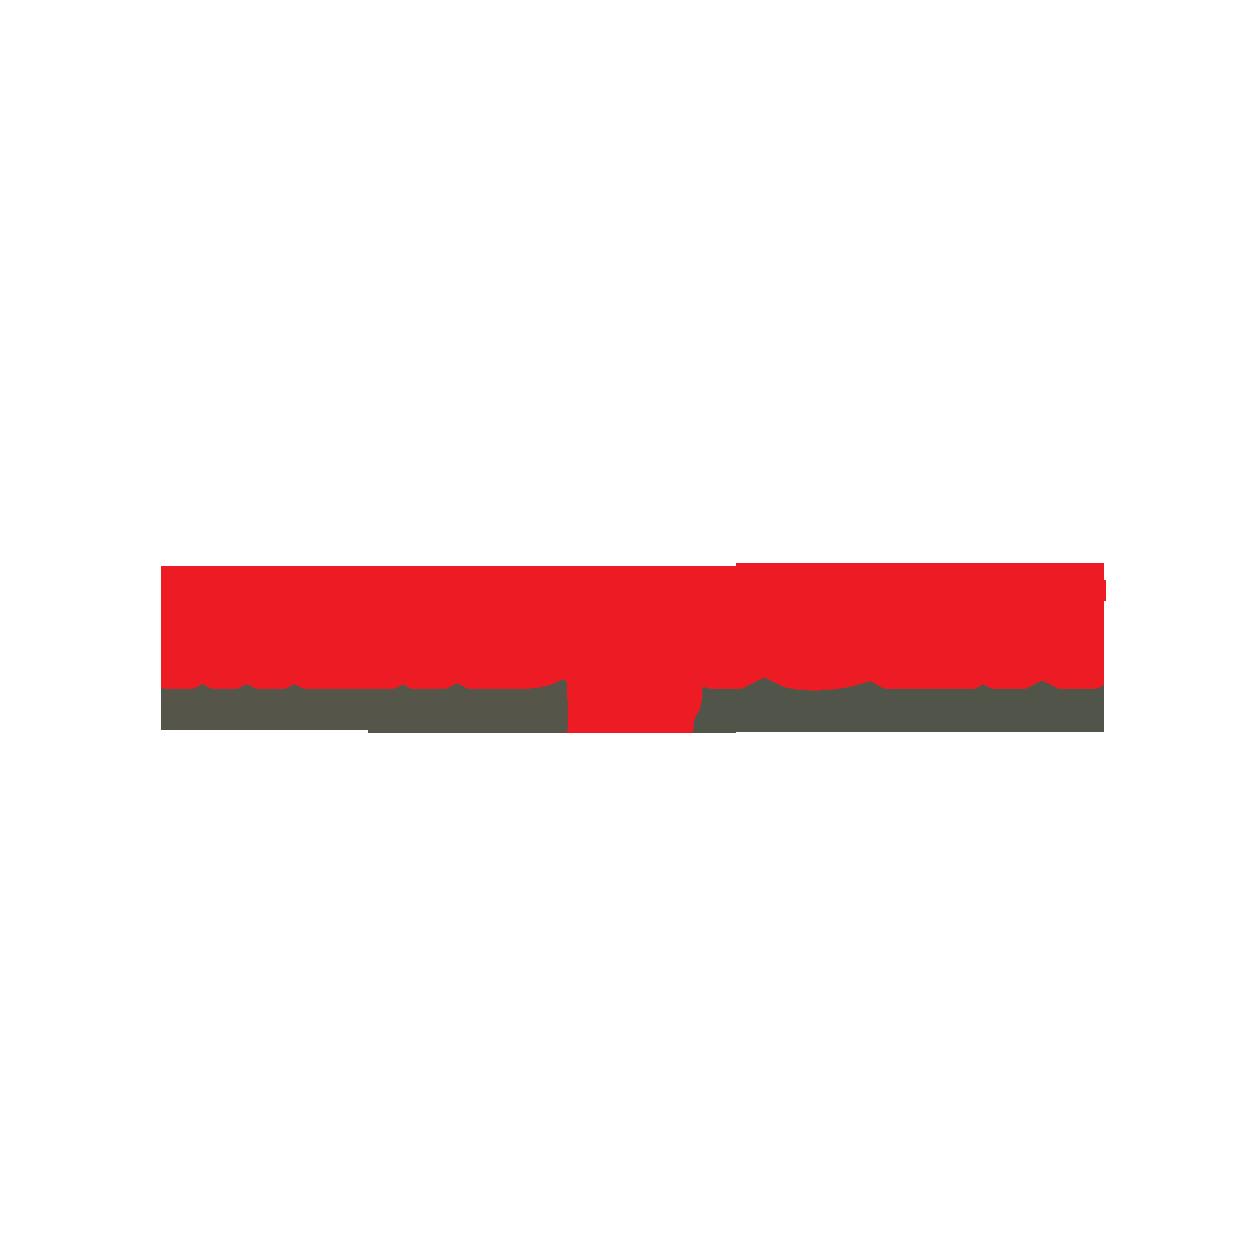 MEIDIGER_LG_new